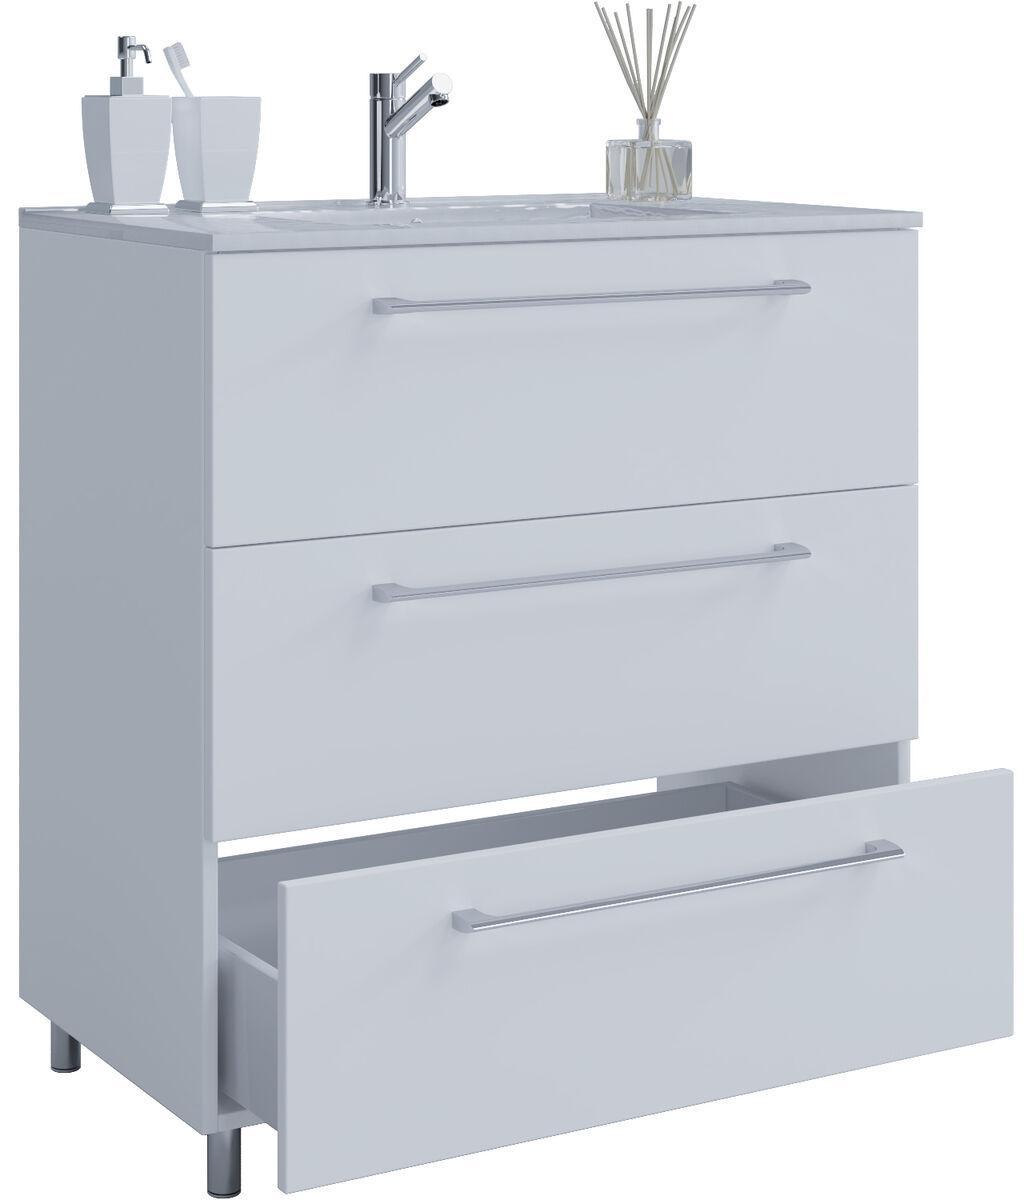 Stand Waschtisch Mit Waschbecken